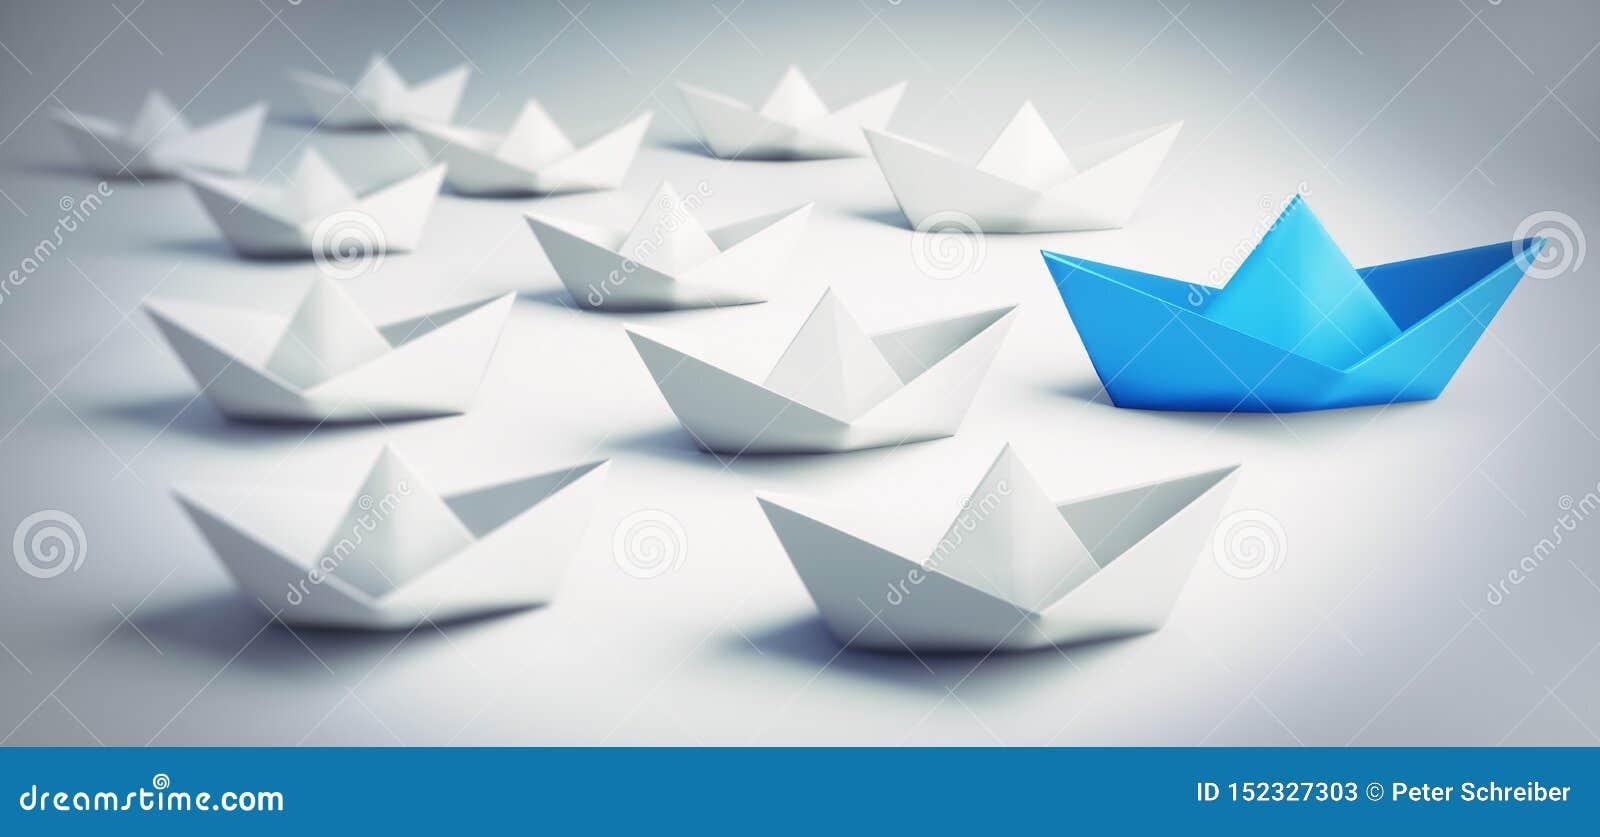 Ομάδα άσπρων και μπλε βαρκών εγγράφου - τρισδιάστατη απεικόνιση